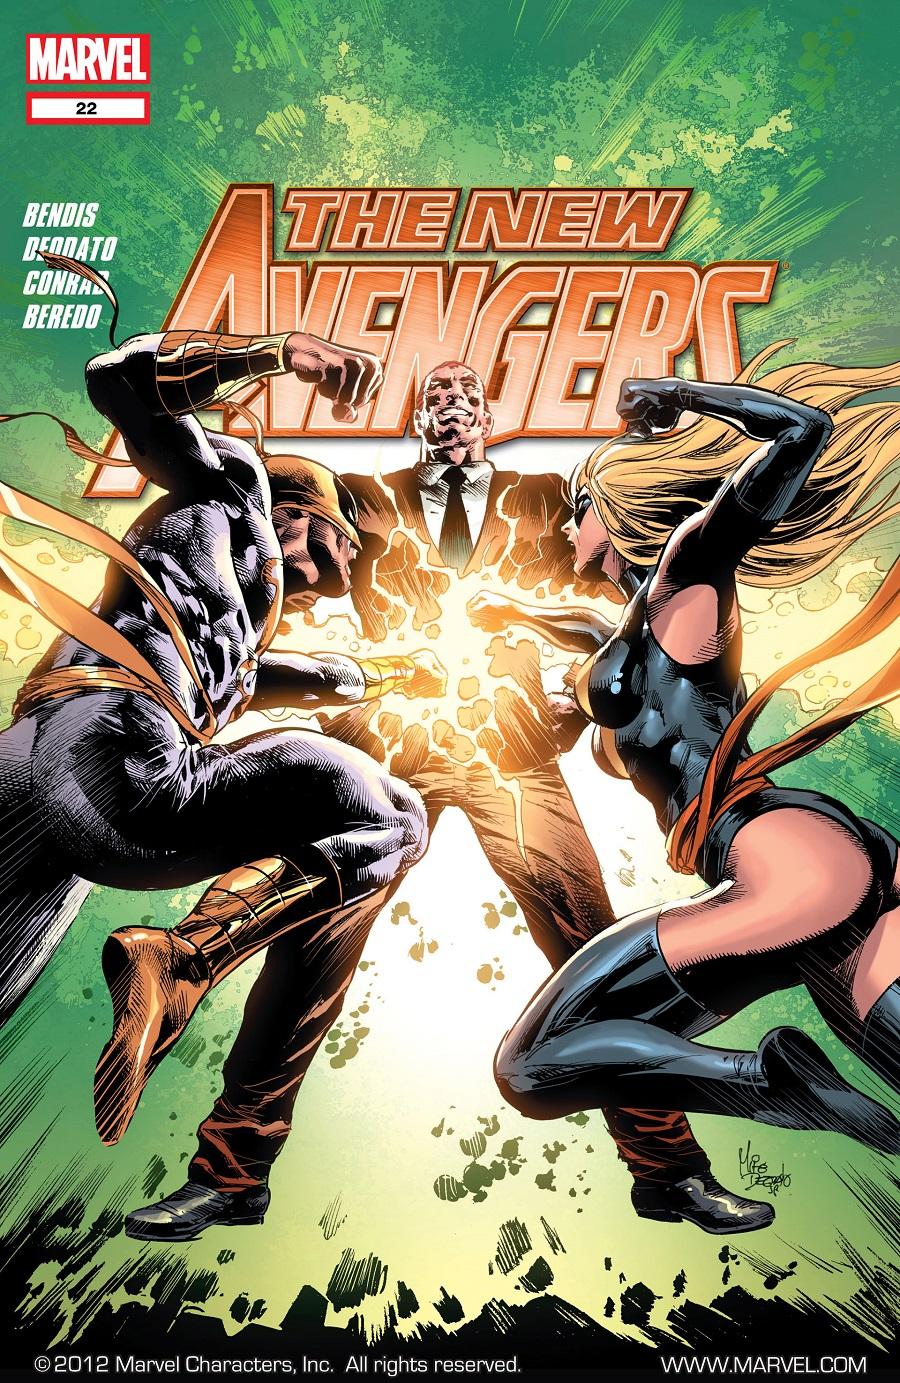 New-Avengers-v2-22-pg-000